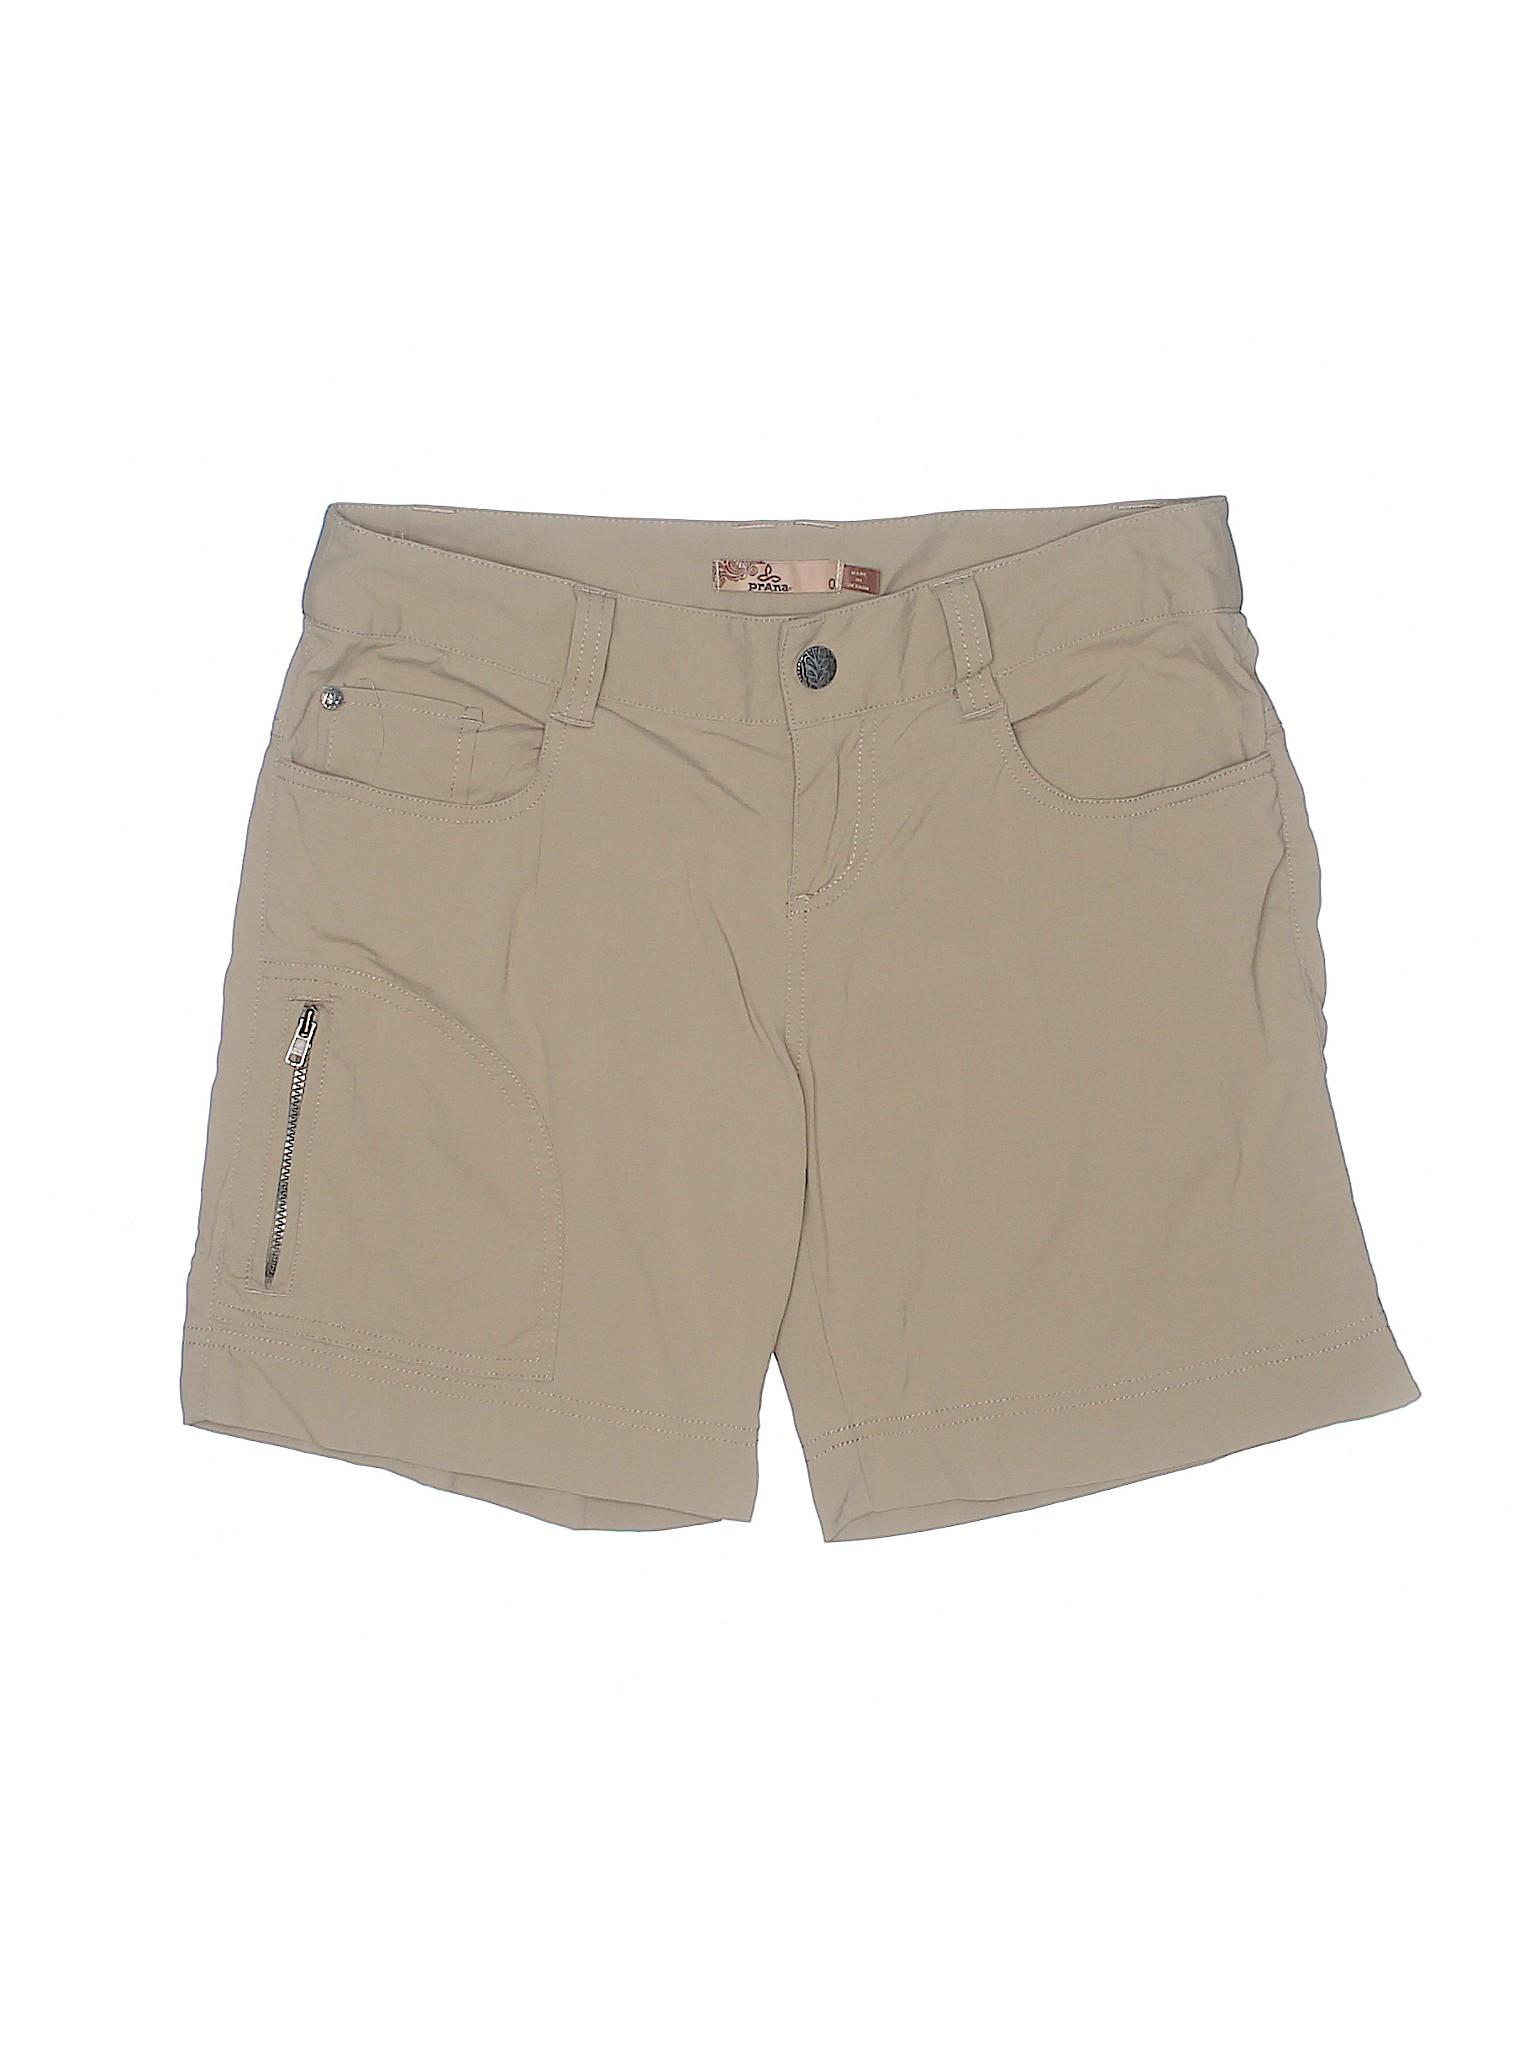 Boutique Boutique Khaki Shorts PrAna Boutique Shorts PrAna Khaki afpnqUTpg